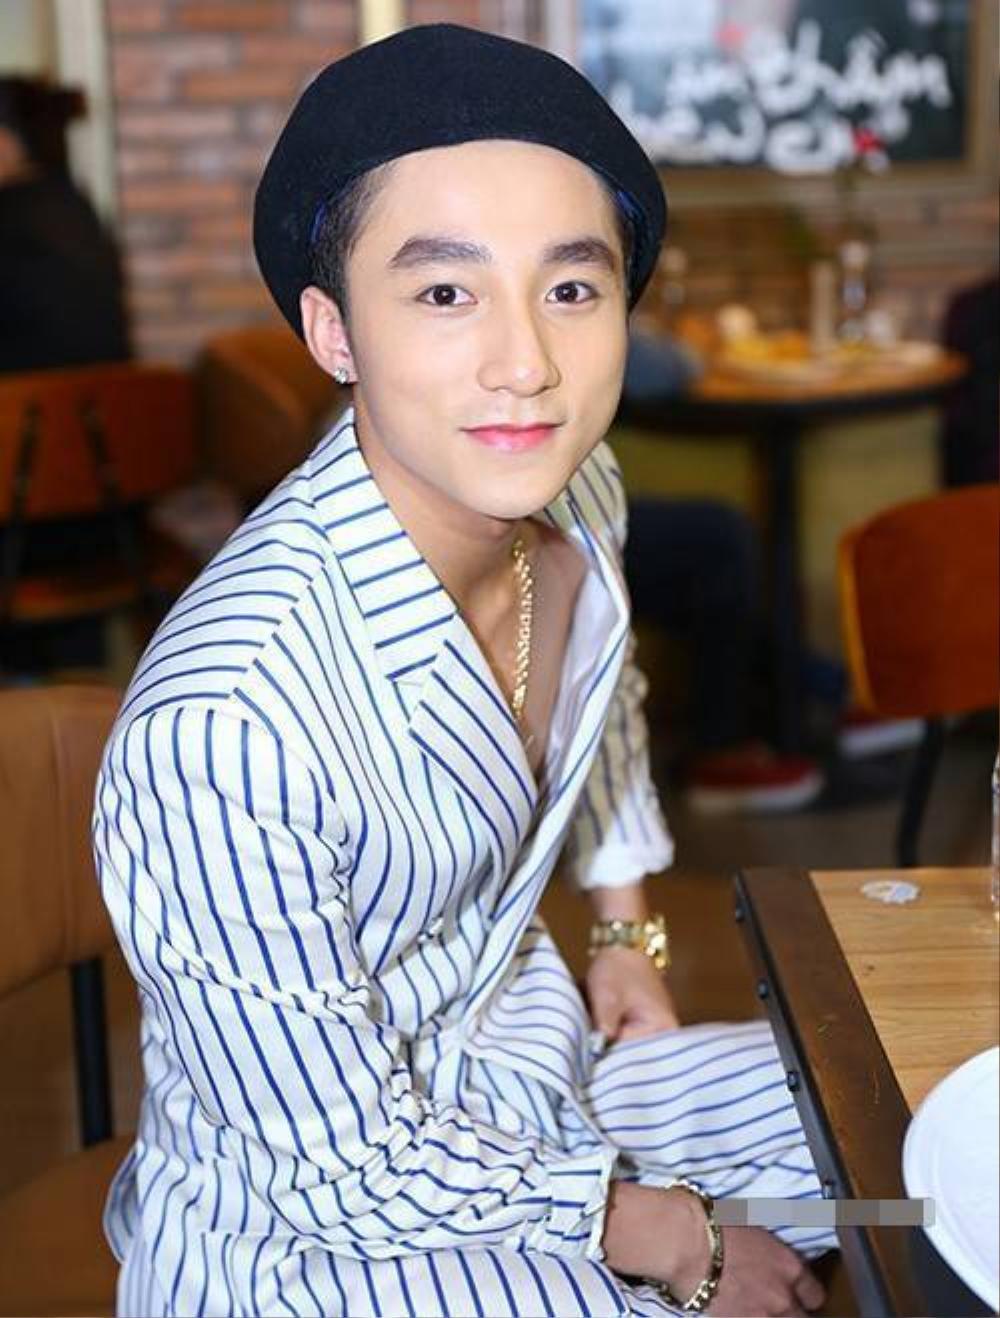 . Gần đây nhất, trong buổi ra mắt MV Âm thầm bên em, Sơn Tùng diện bộ vest kẻ sọc và gây ấn tượng bởi bộ trang sức lấp lánh ánh vàng gồm dây chuyền, lắc tay, nhẫn.